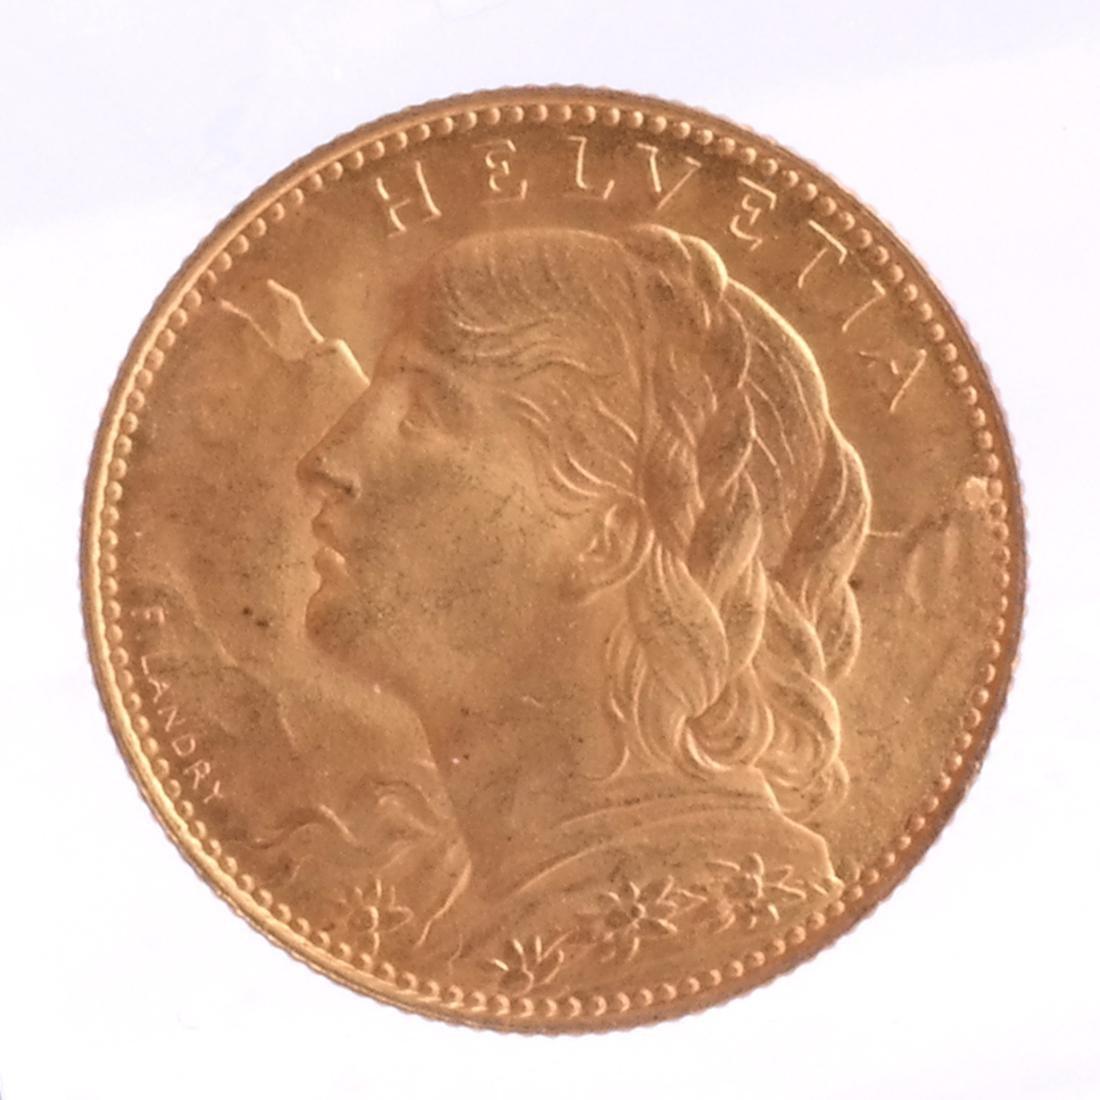 1915-B 10 Francs Swiss Gold